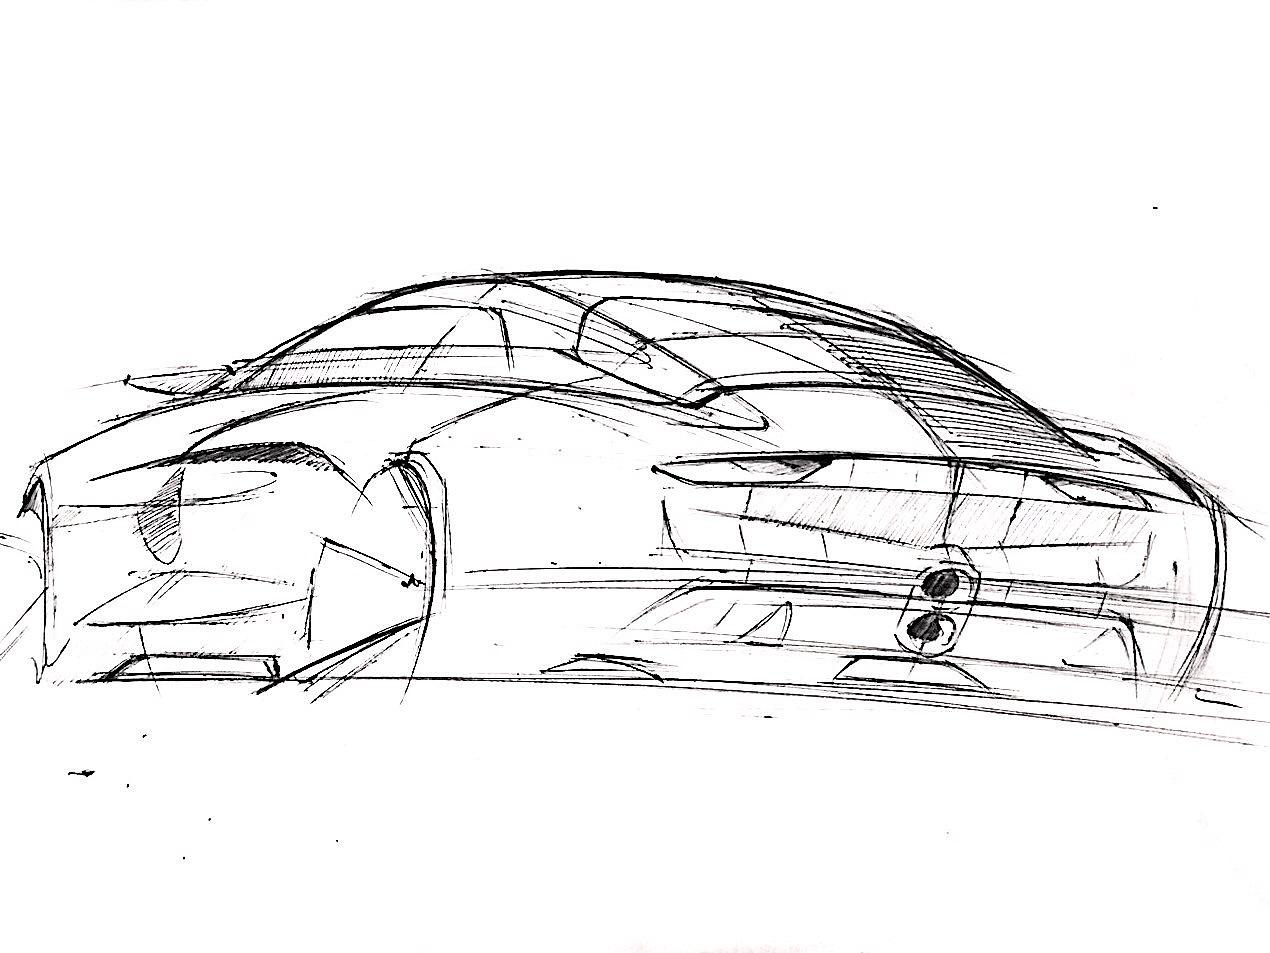 汽车手绘|工业/产品|交通工具|黄雅静 - 原创作品